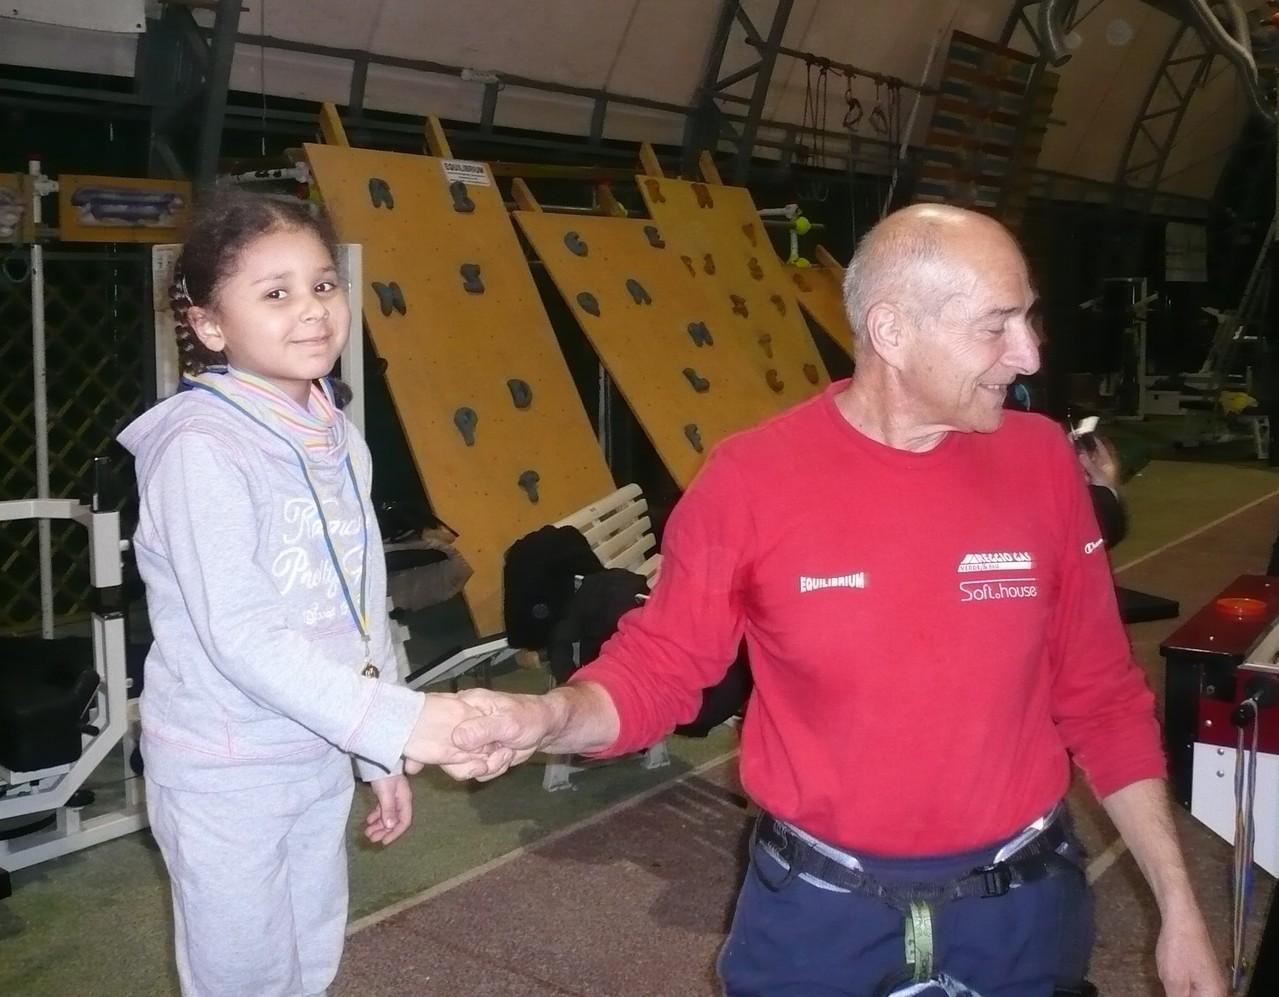 Corso arrampicata gen- feb 2010 con Bruno Furia - Premiazione